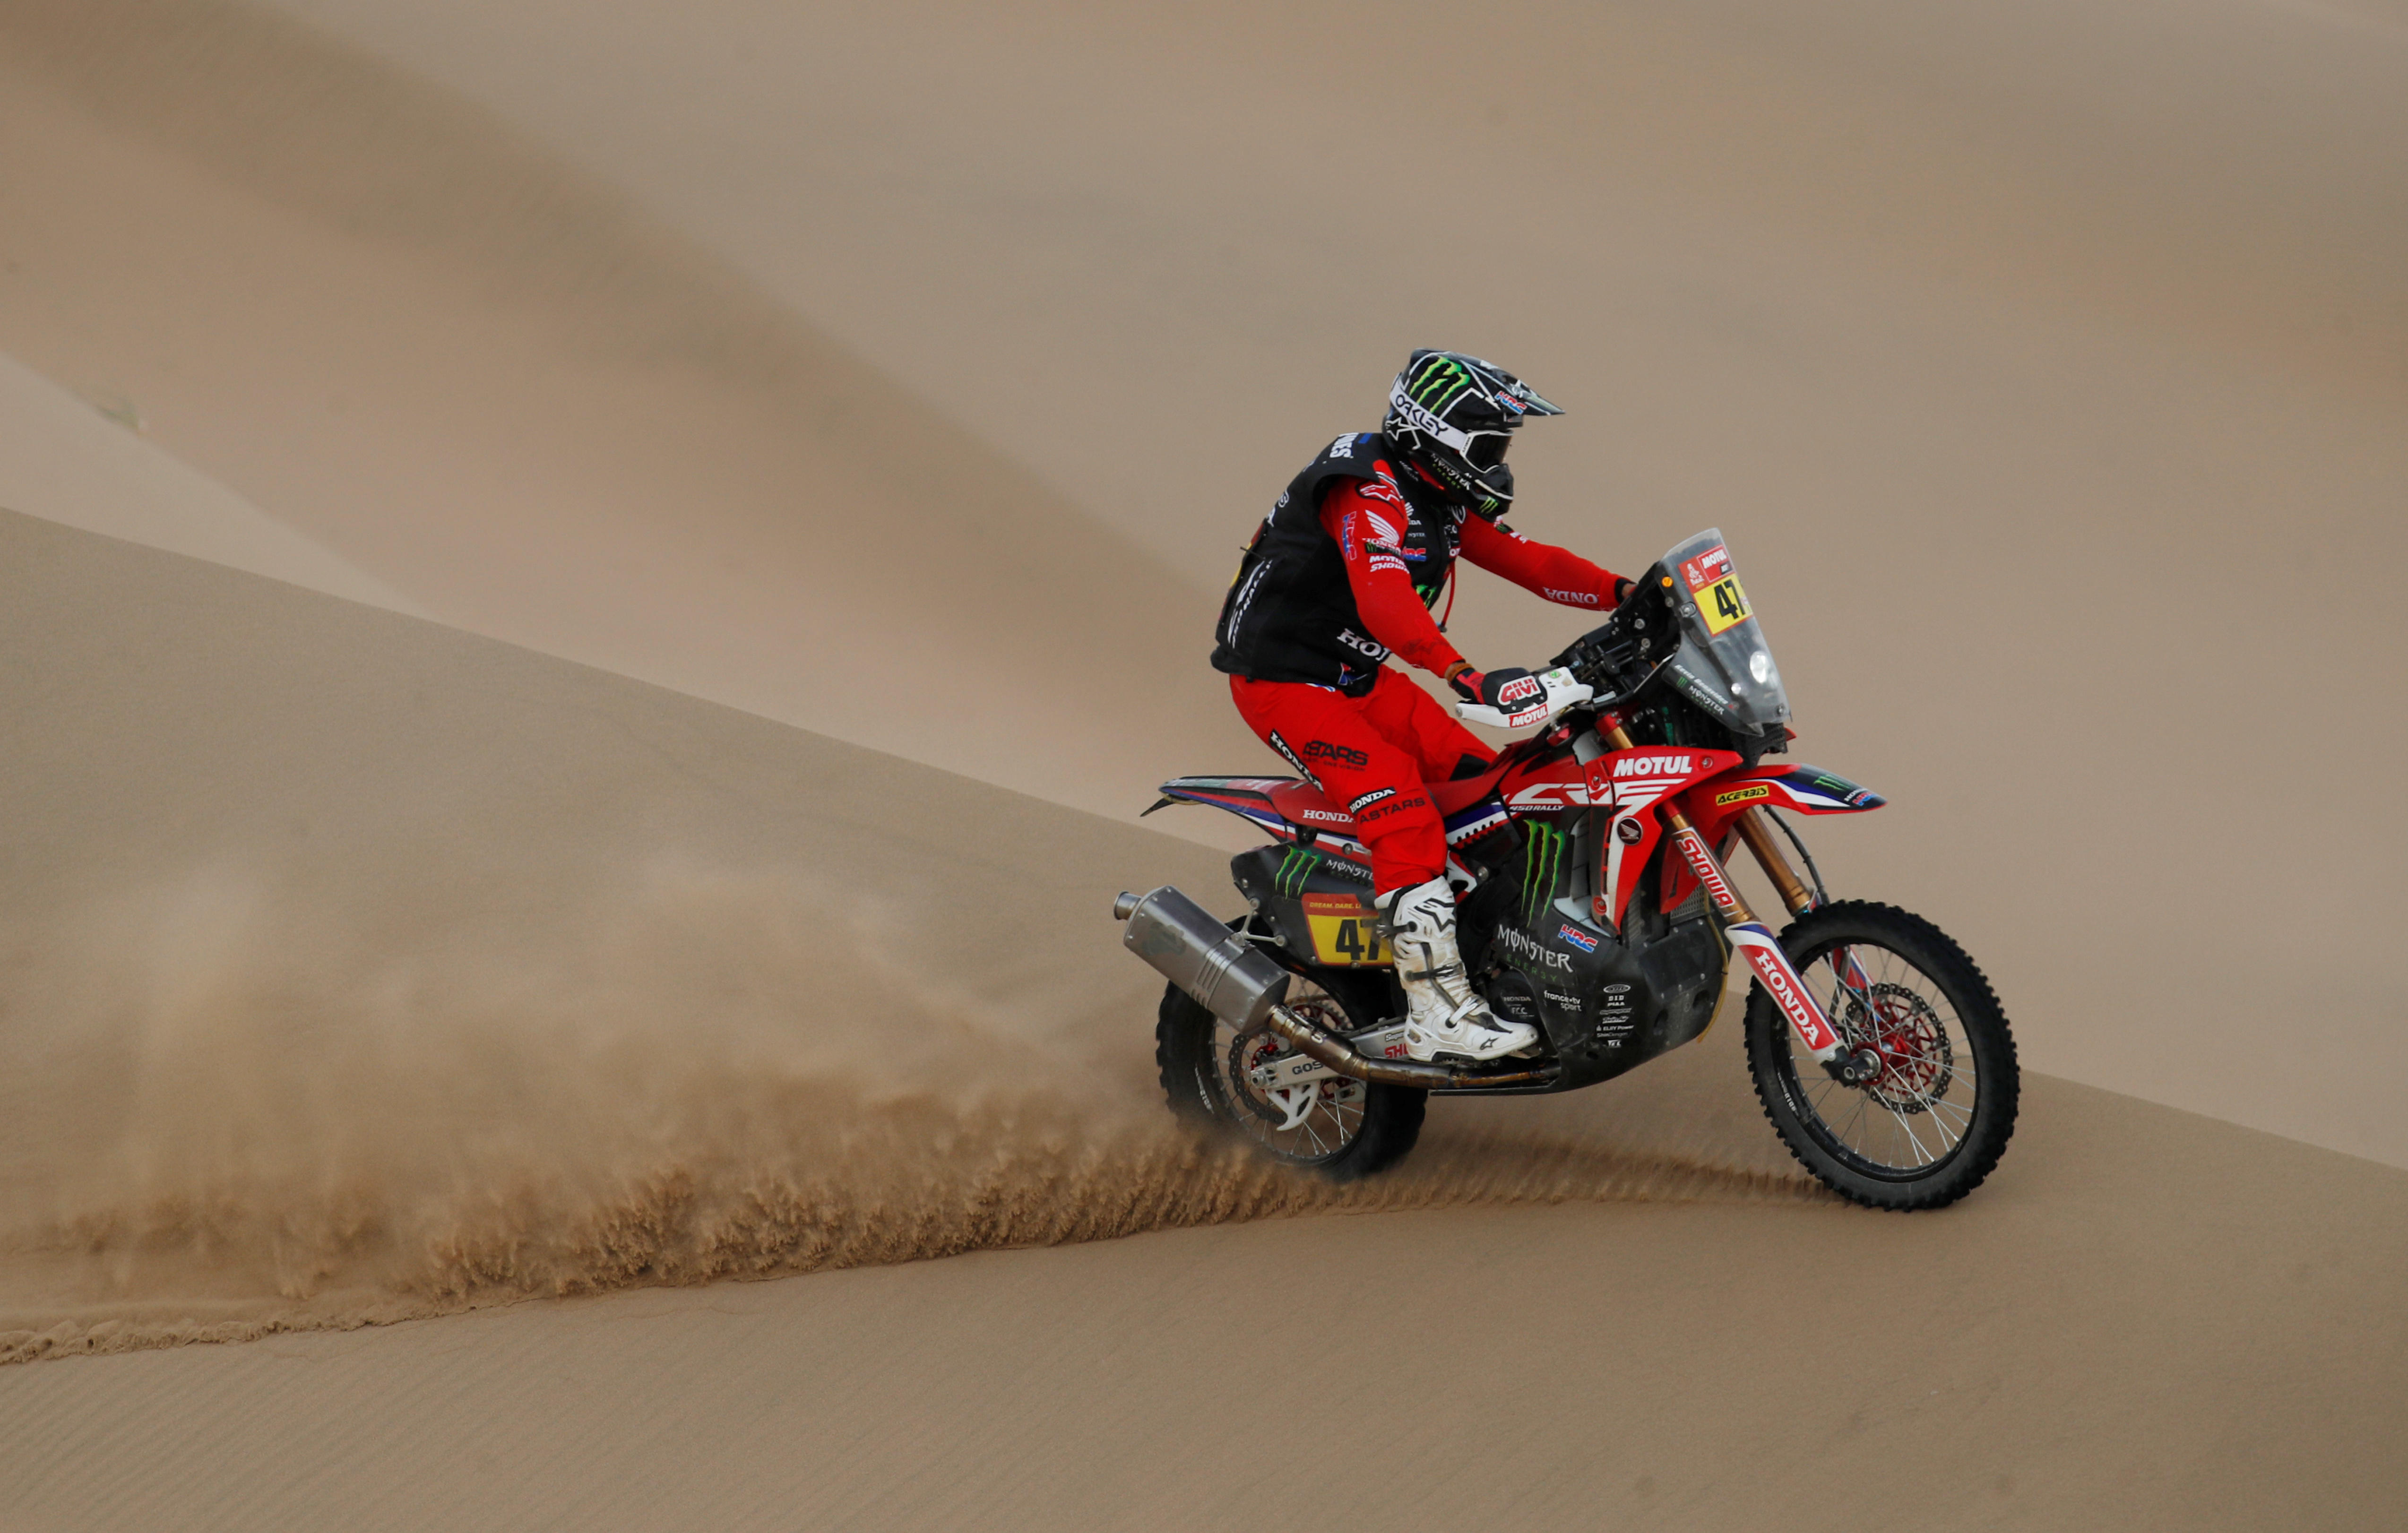 El campeón de 32 años debutó en el Rally Dakar en 2016